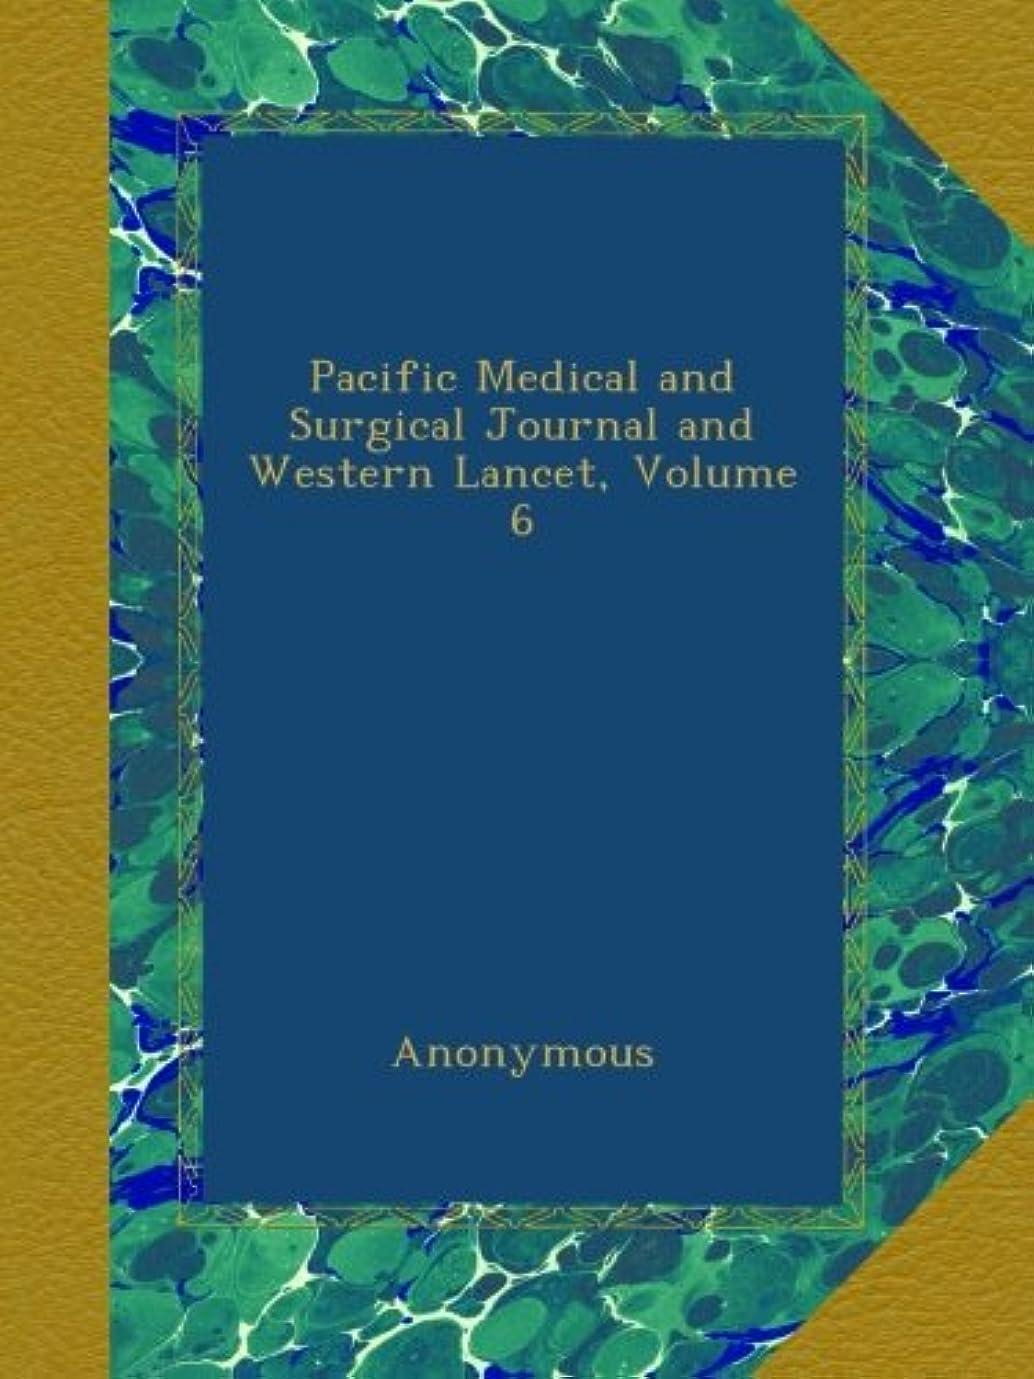 値する肉腫機転Pacific Medical and Surgical Journal and Western Lancet, Volume 6